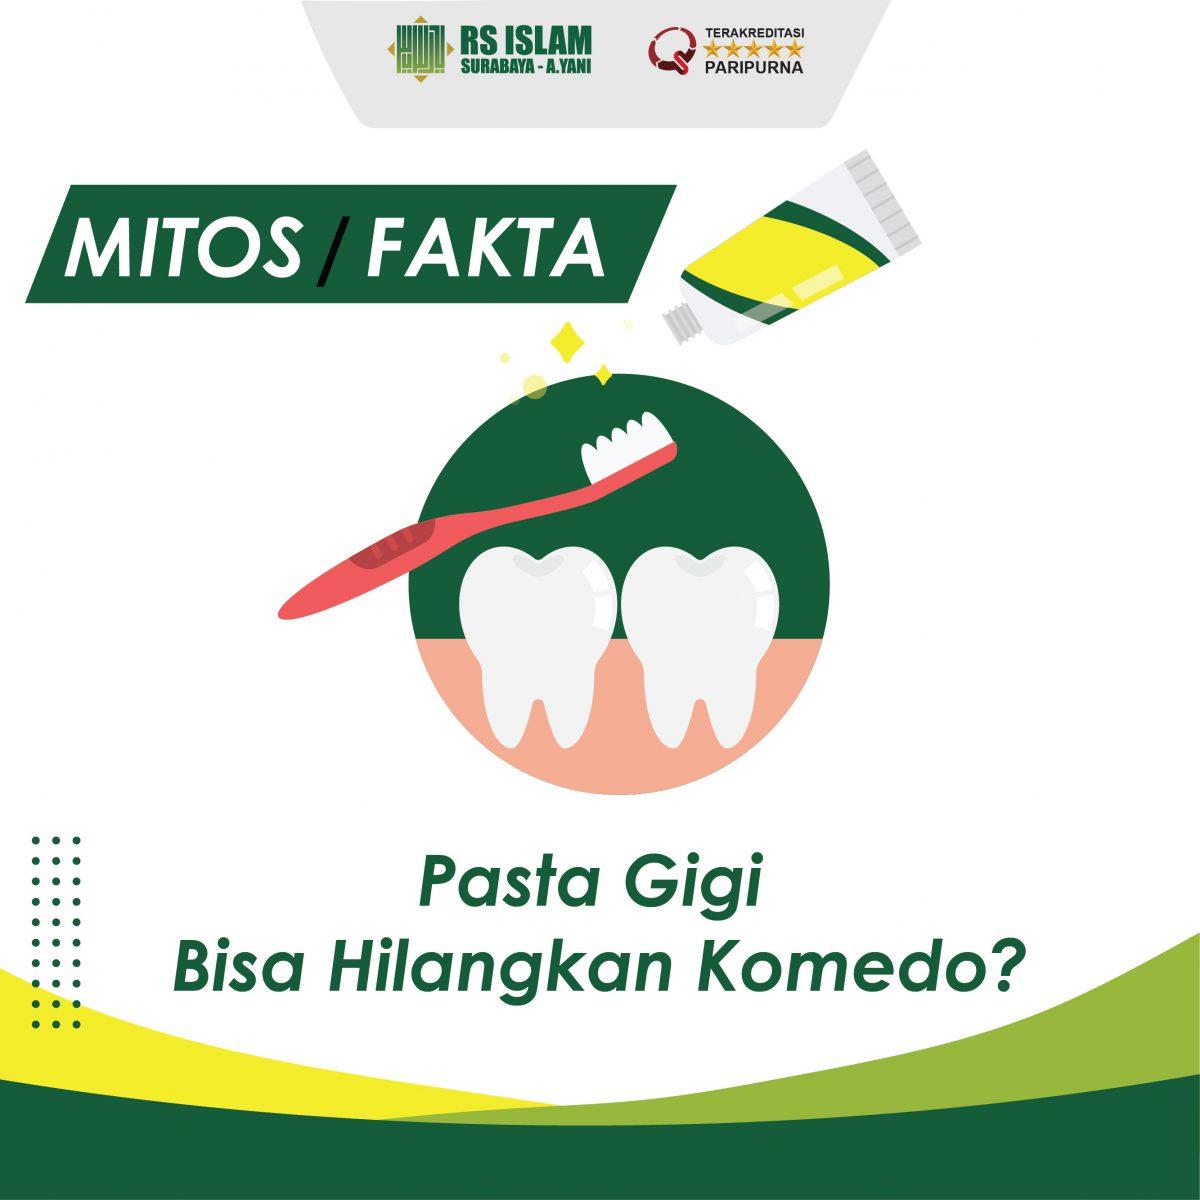 mitosfakta-01-01-01-1200x1200.jpg